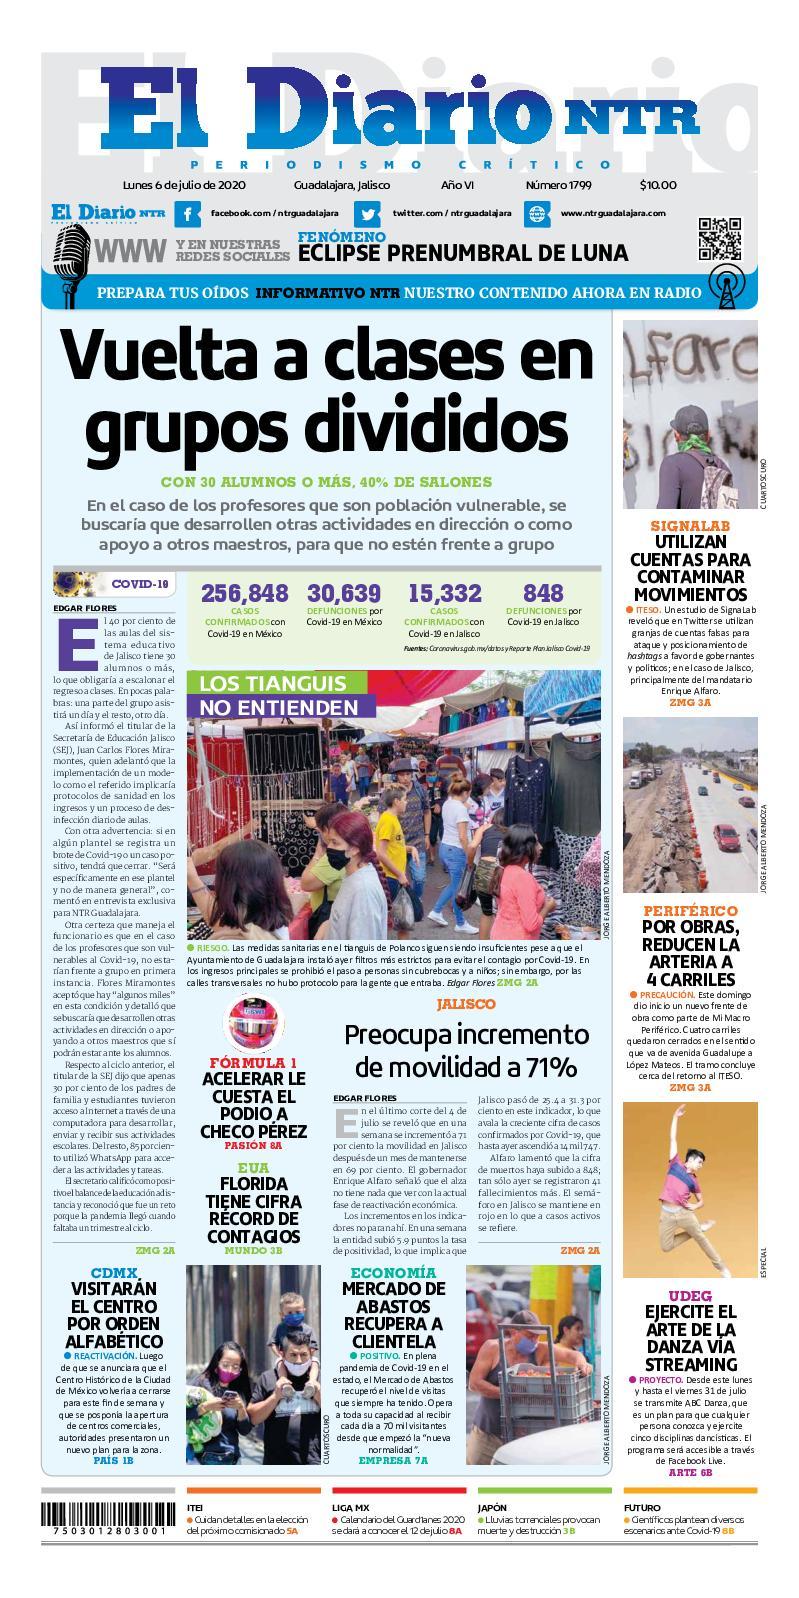 Conocer gente de tepatitlan Jalisco explotar